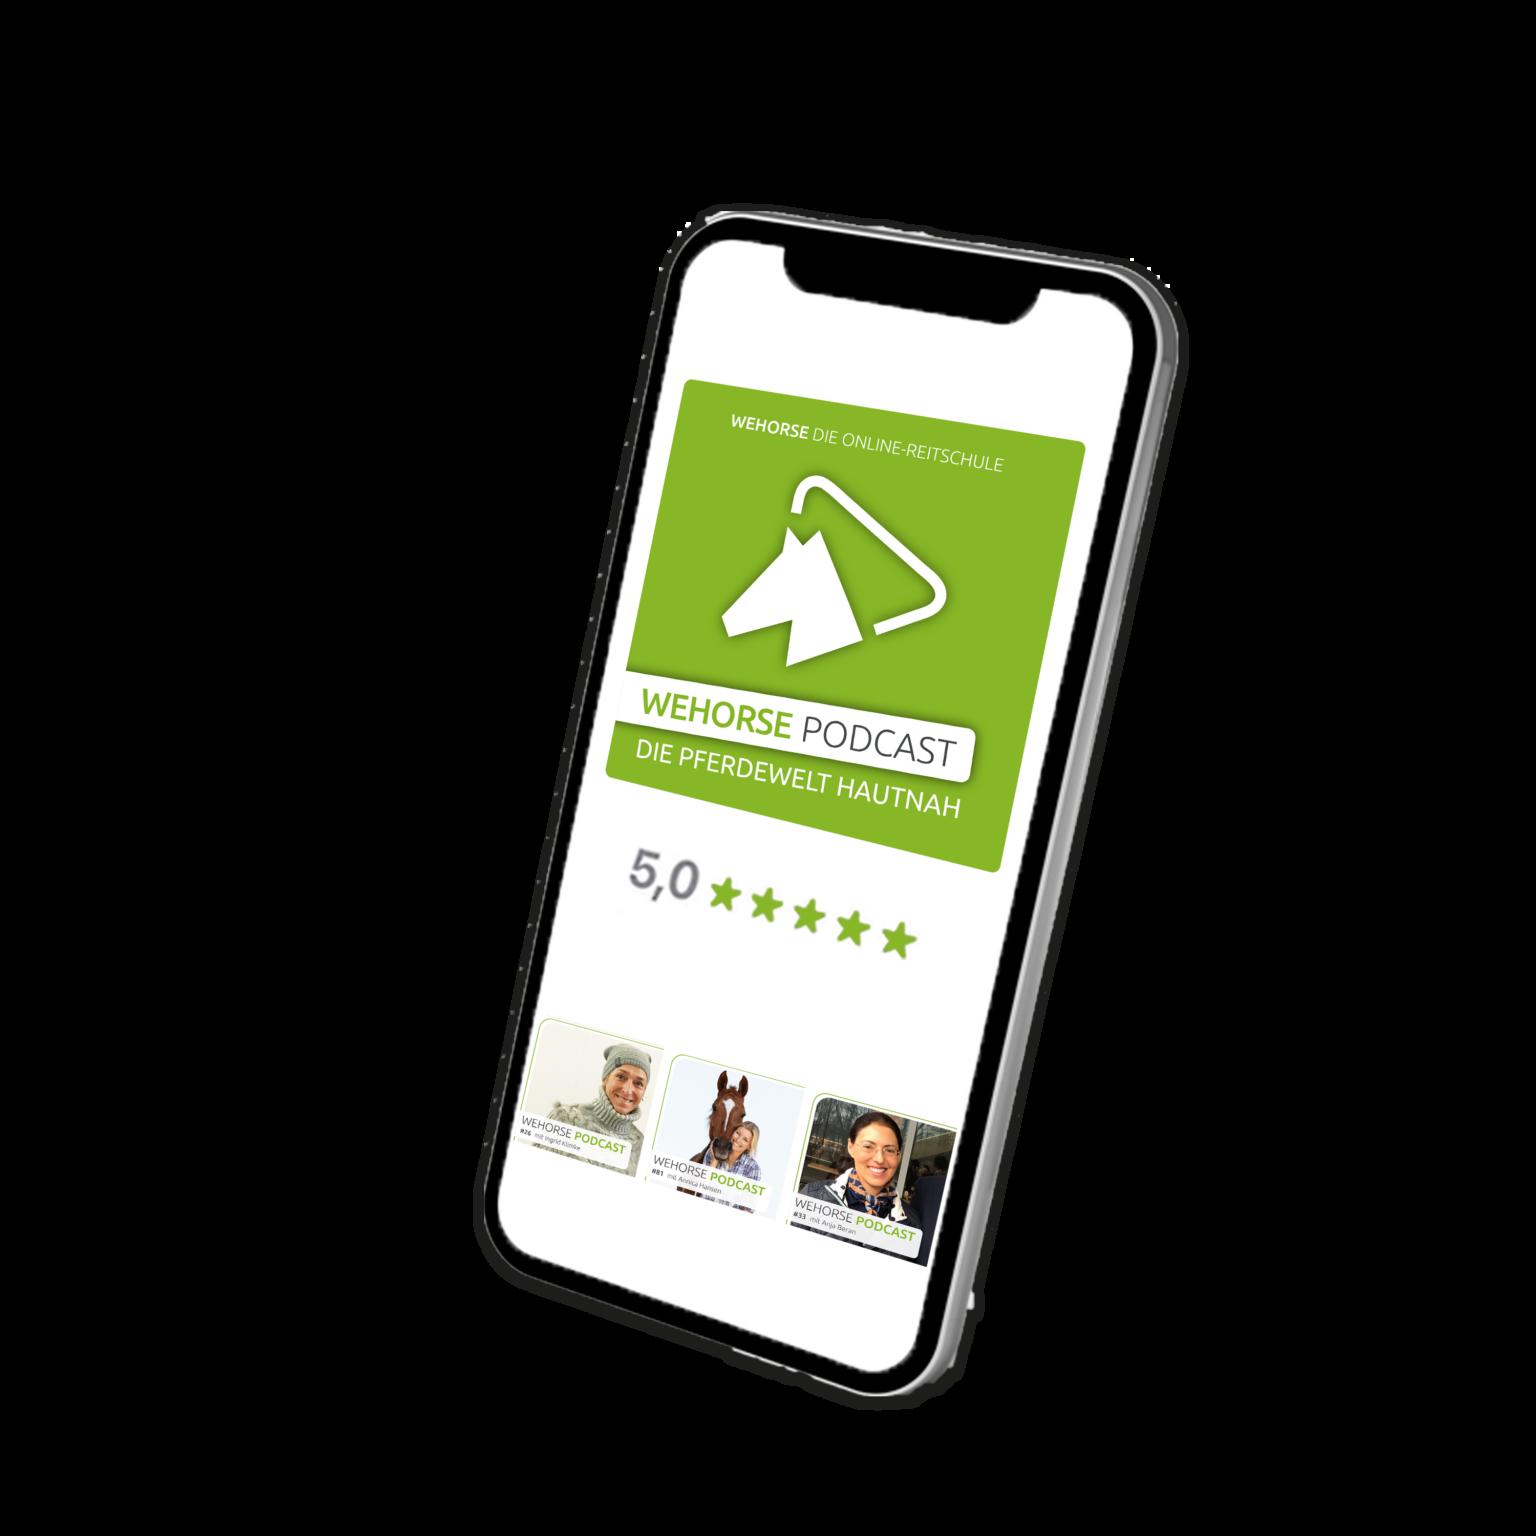 Ein Handy, dass das wehorse Podcast Cover und die positiven Bewertungen zeigt